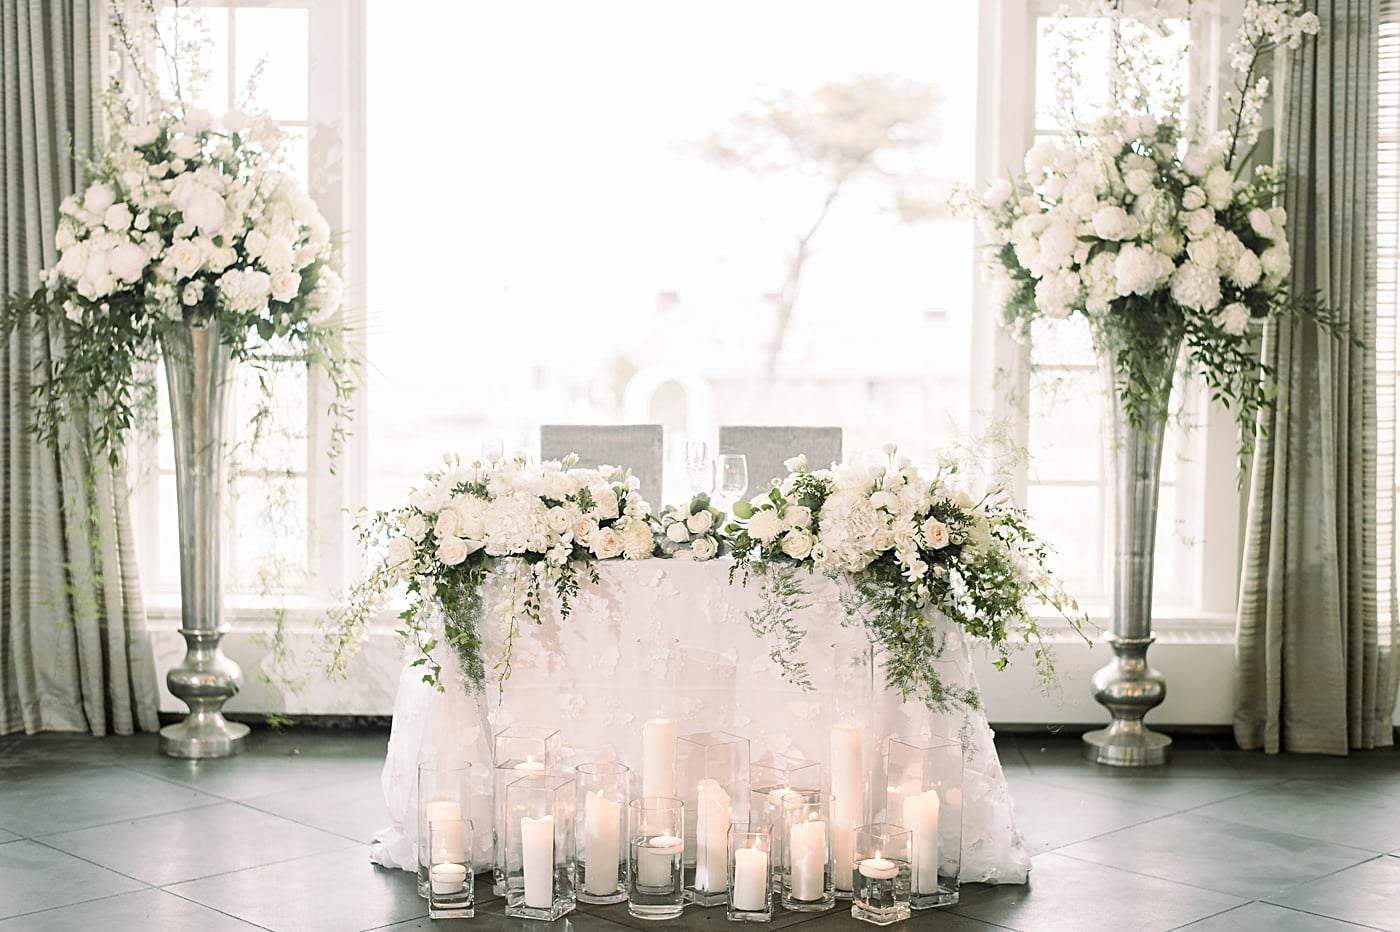 dc wedding planner, dc wedding designer, dc wedding coordinator, chancey charm